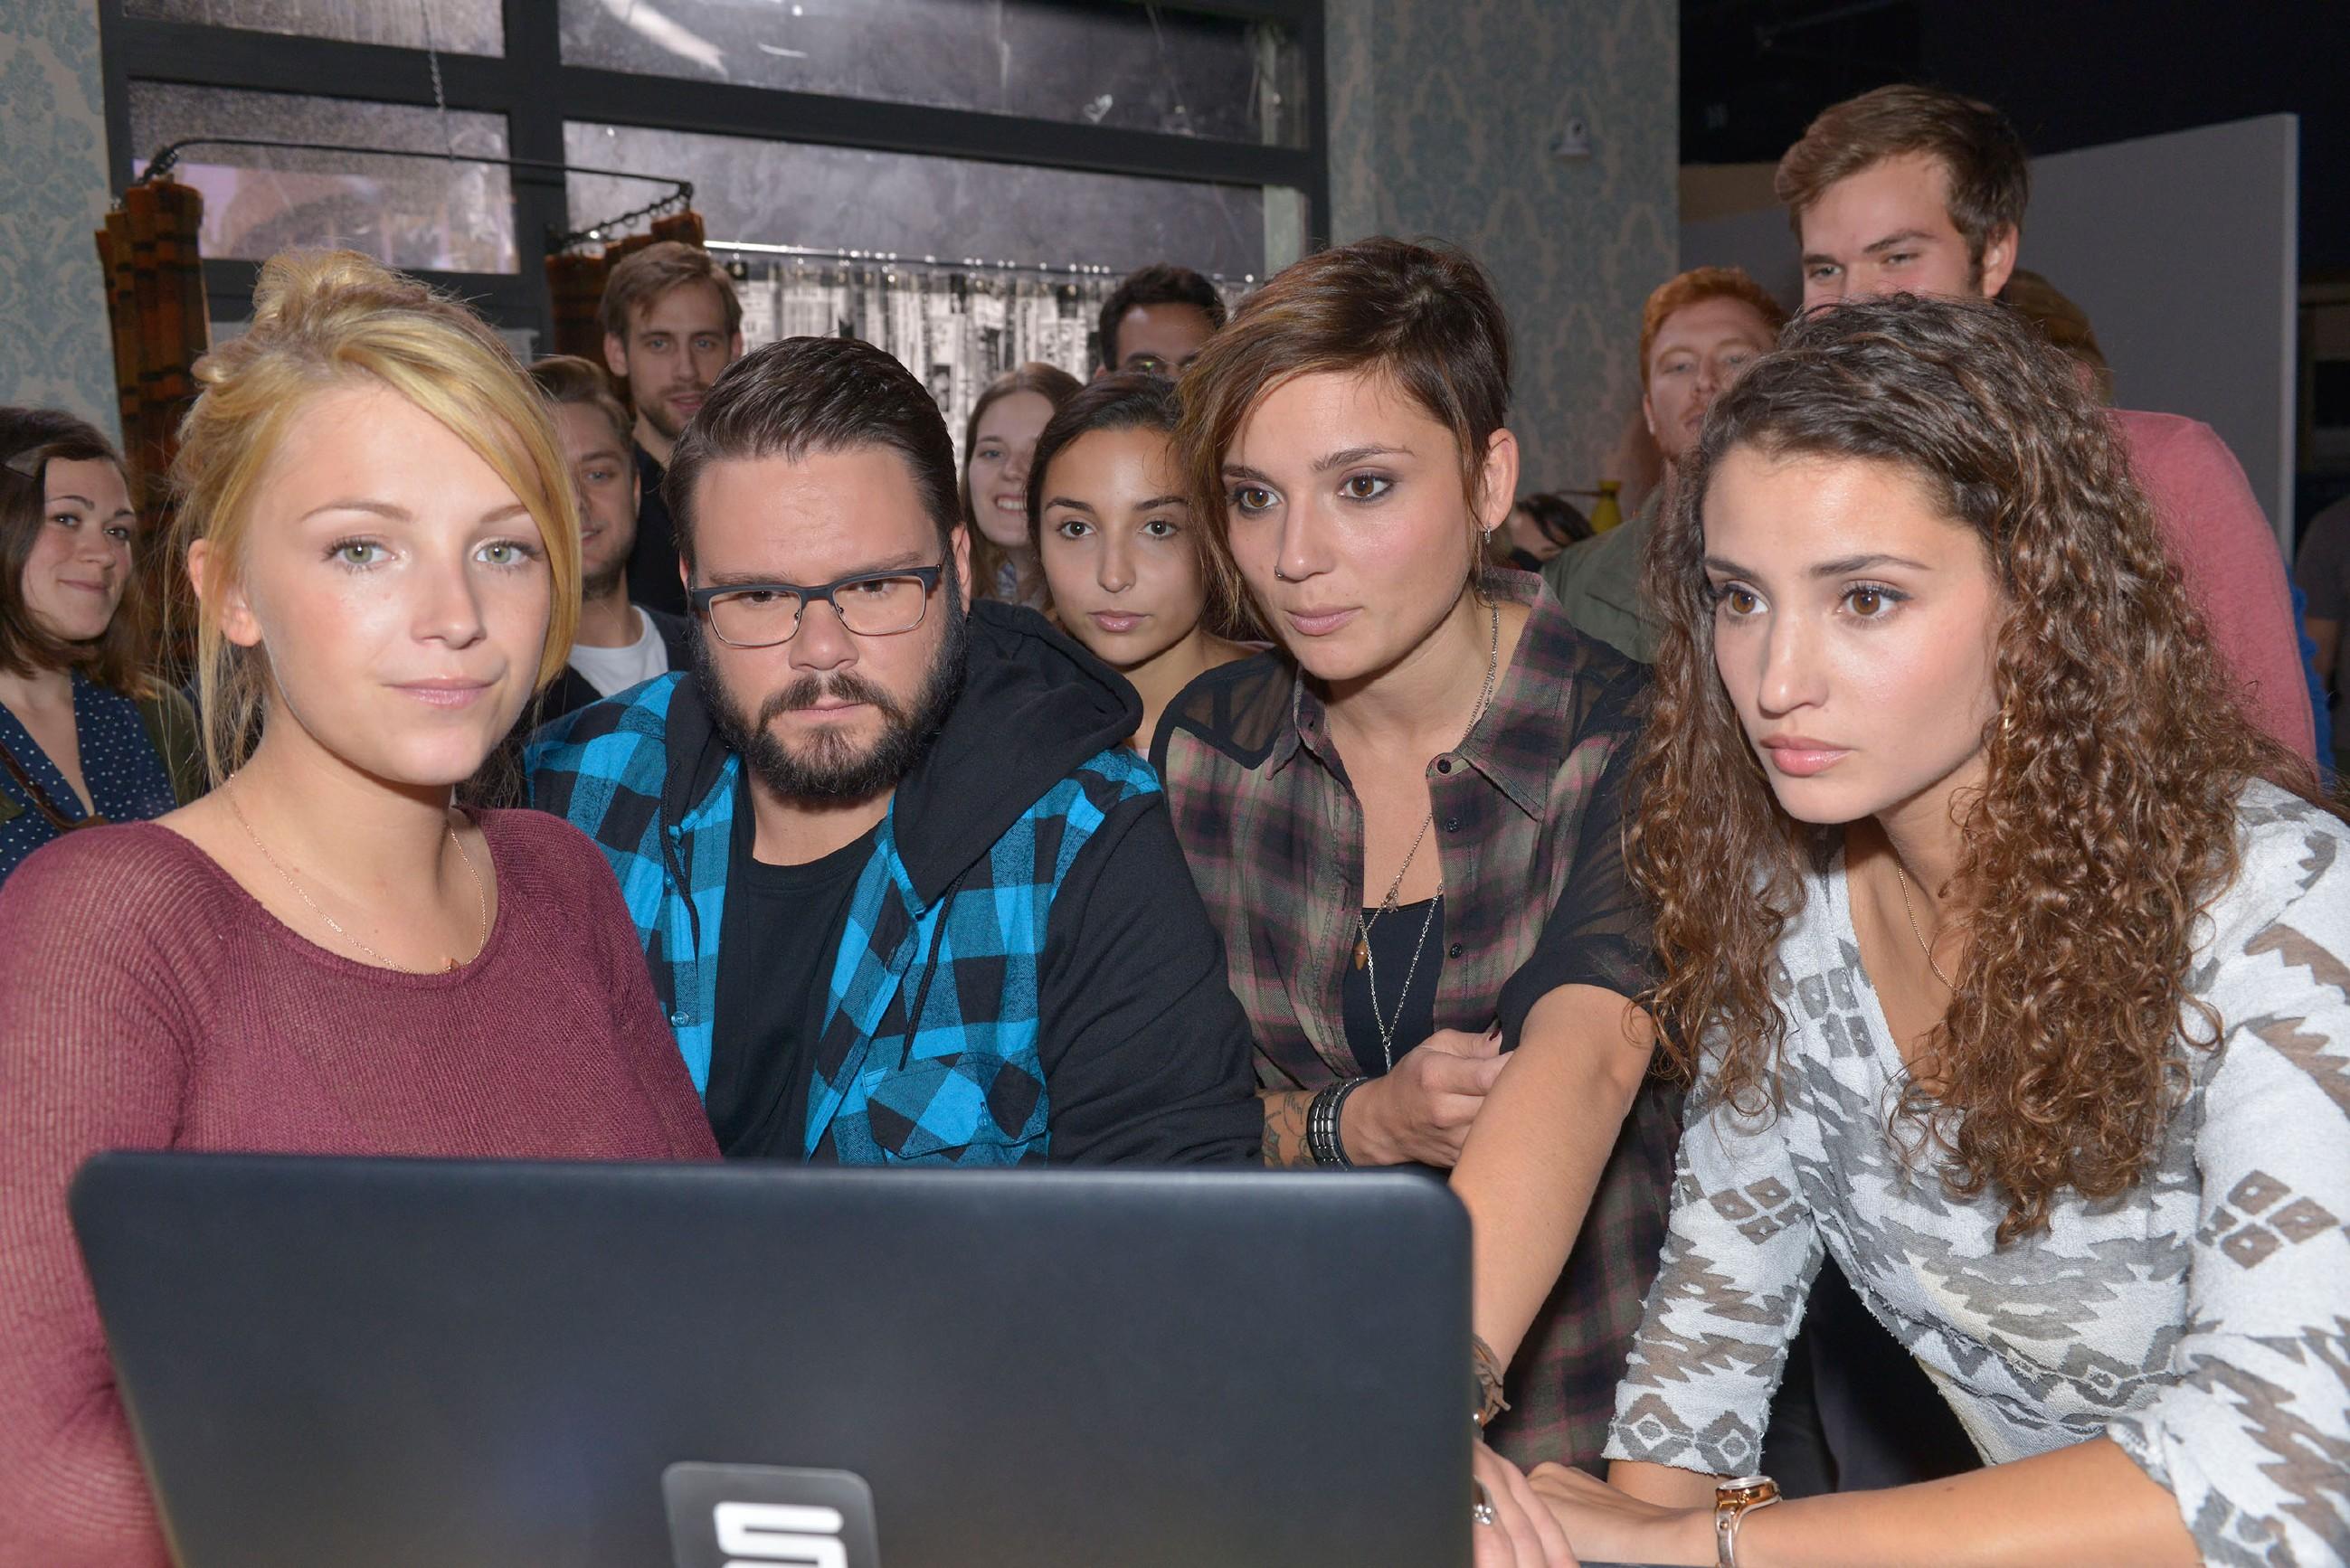 Lilly (Iris Mareike Steen), Tuner (Thomas Drechsel), Selma (Rona Özkan), Anni (Linda Marlen Runge) und Ayla (Nadine Menz) sind gespannt, ob sie an der Kiez-Challenge teilnehmen dürfen. (Quelle: RTL / Rolf Baumgartner)